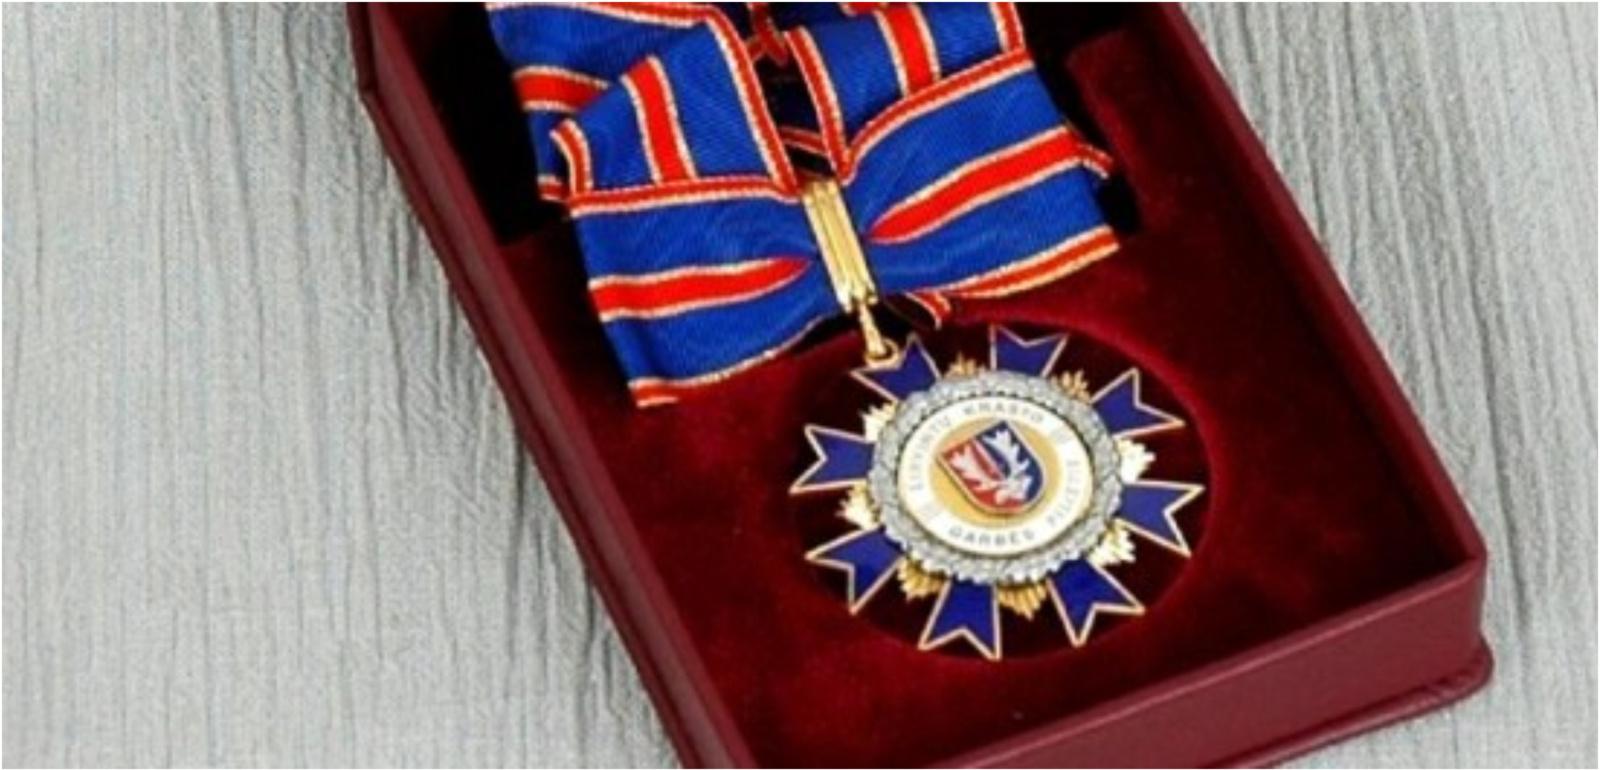 Siūlomos Širvintų krašto garbės piliečio vardo nominantės